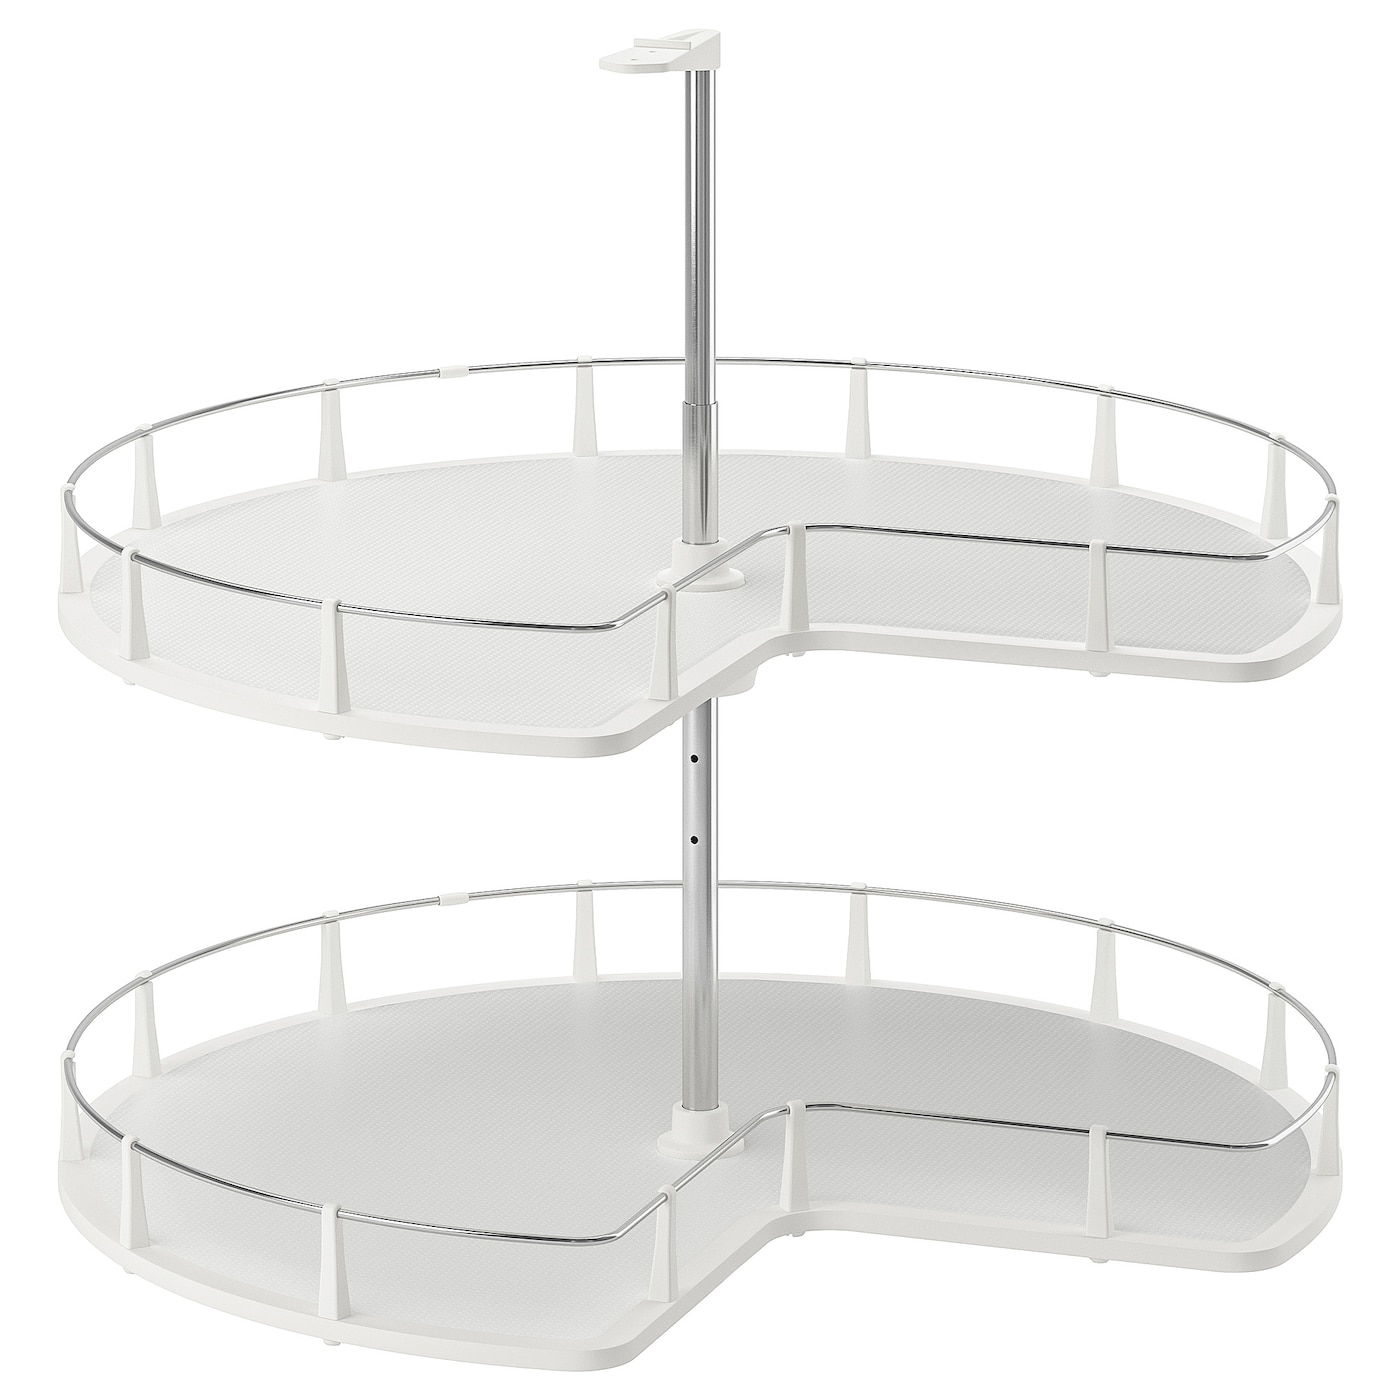 Utrusta Corner Base Cabinet Carousel Ikea